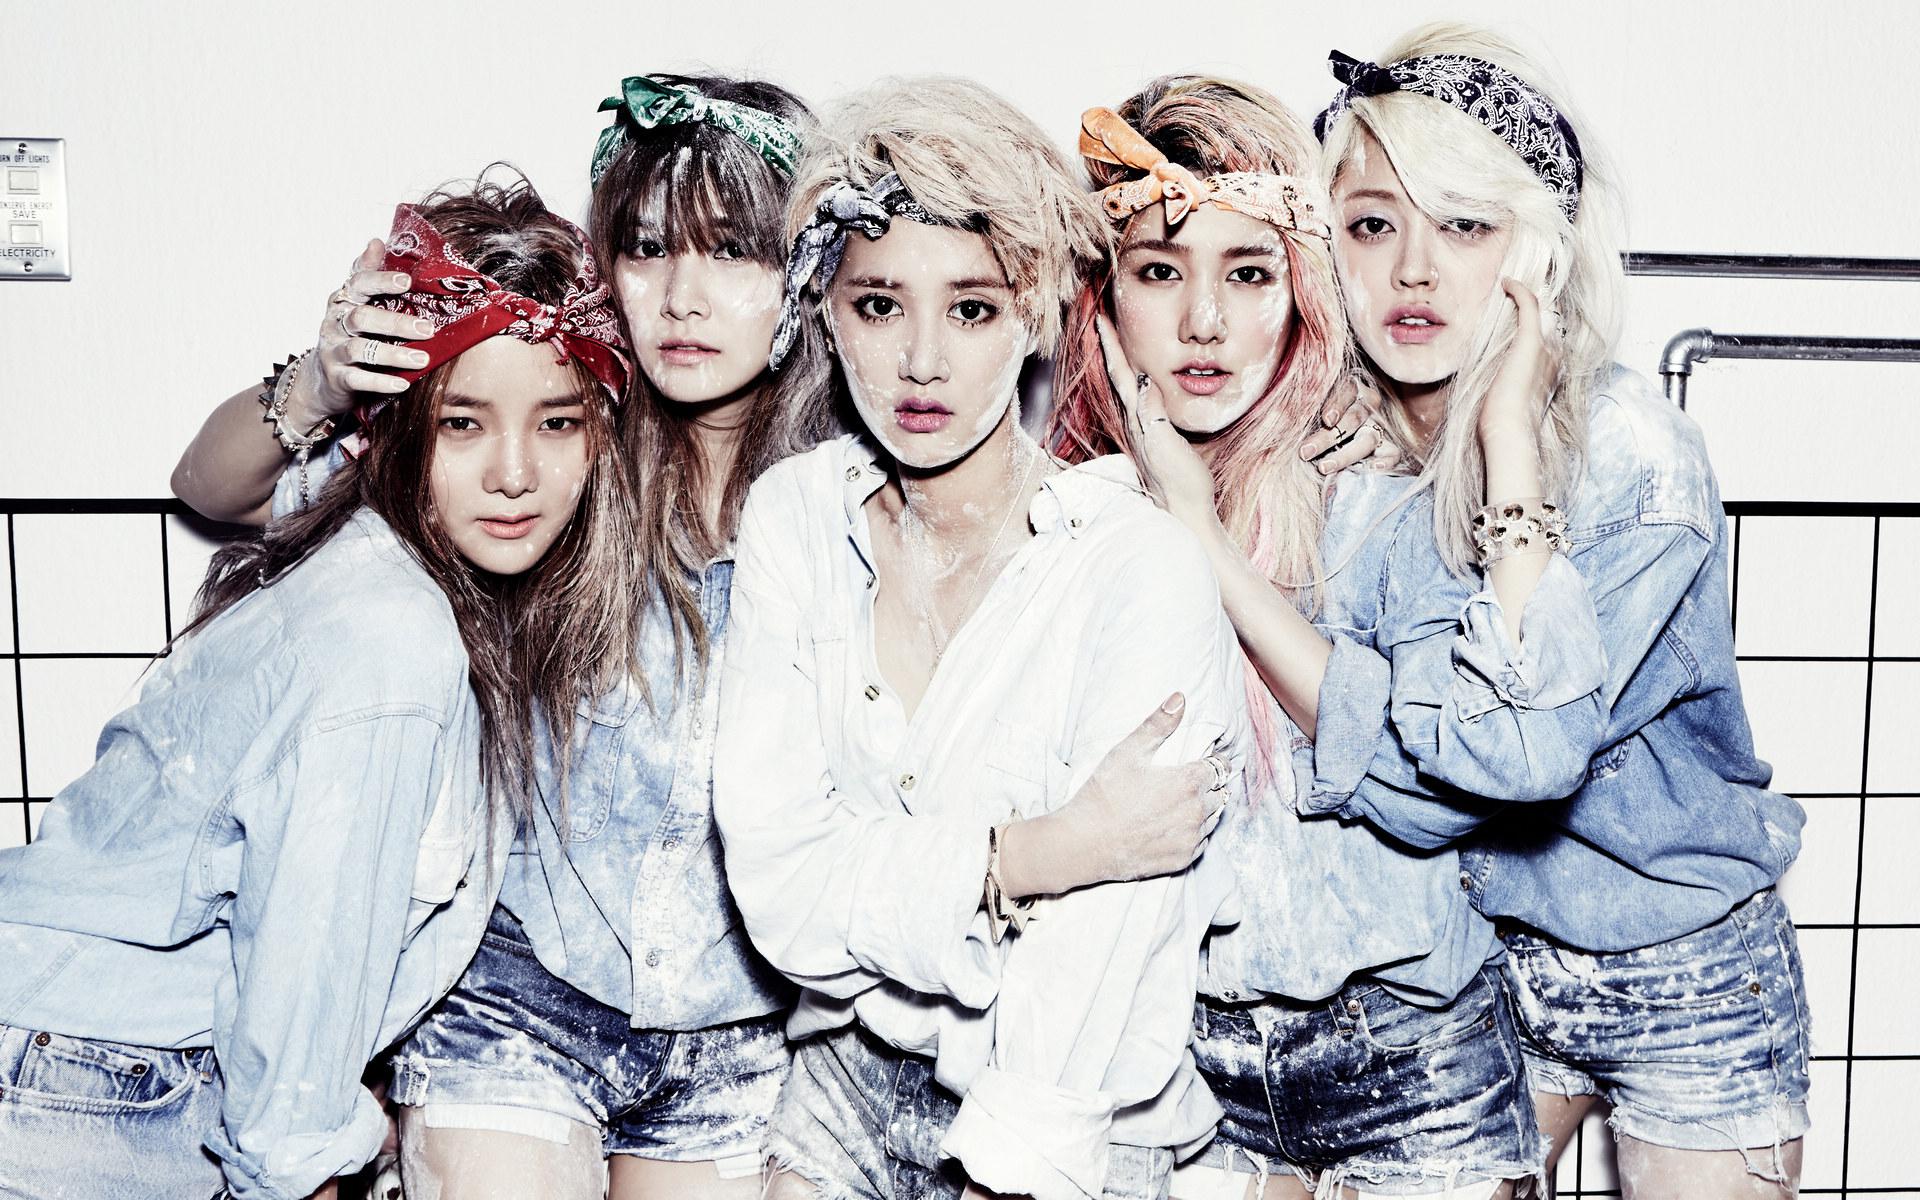 spica(韩国女子偶像团体)(壁纸1)